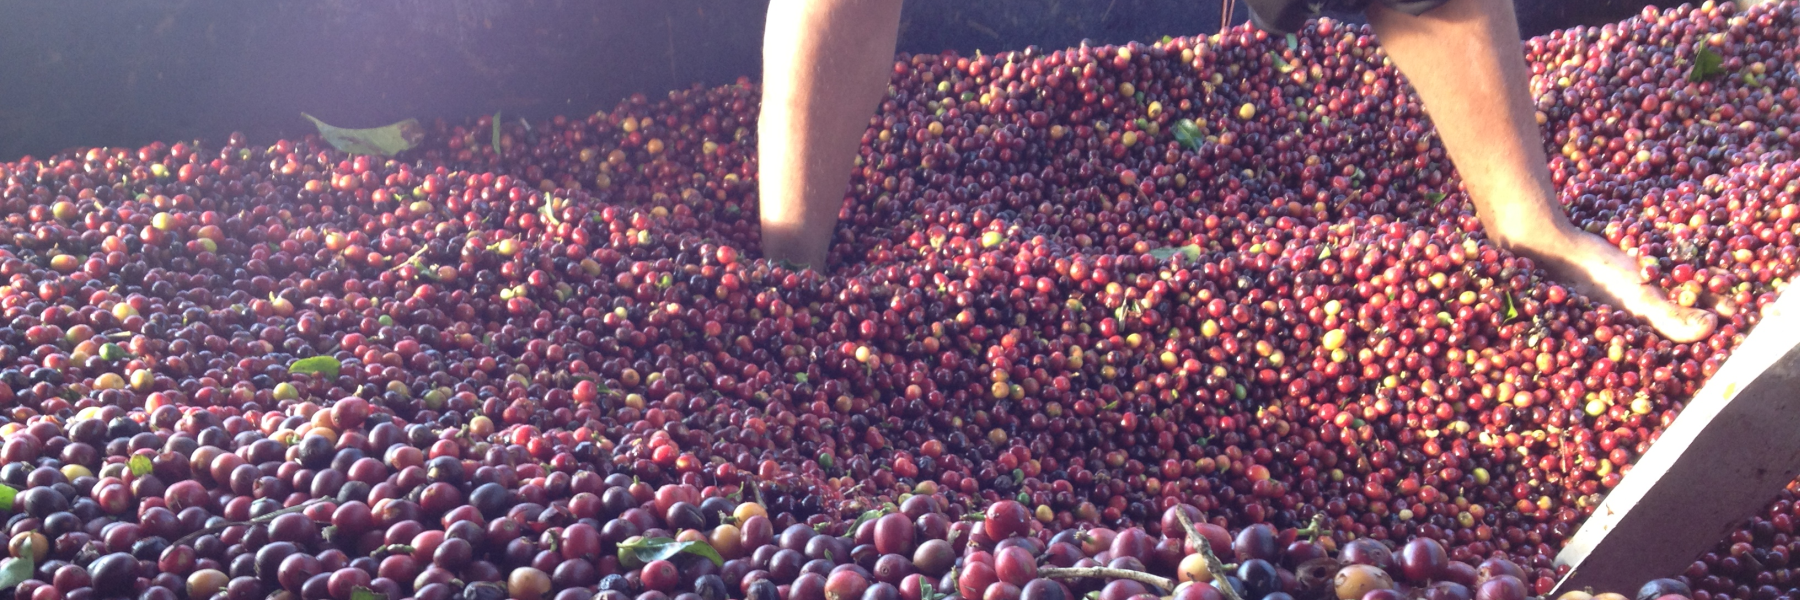 Panama Kaffeekirschen sortieren